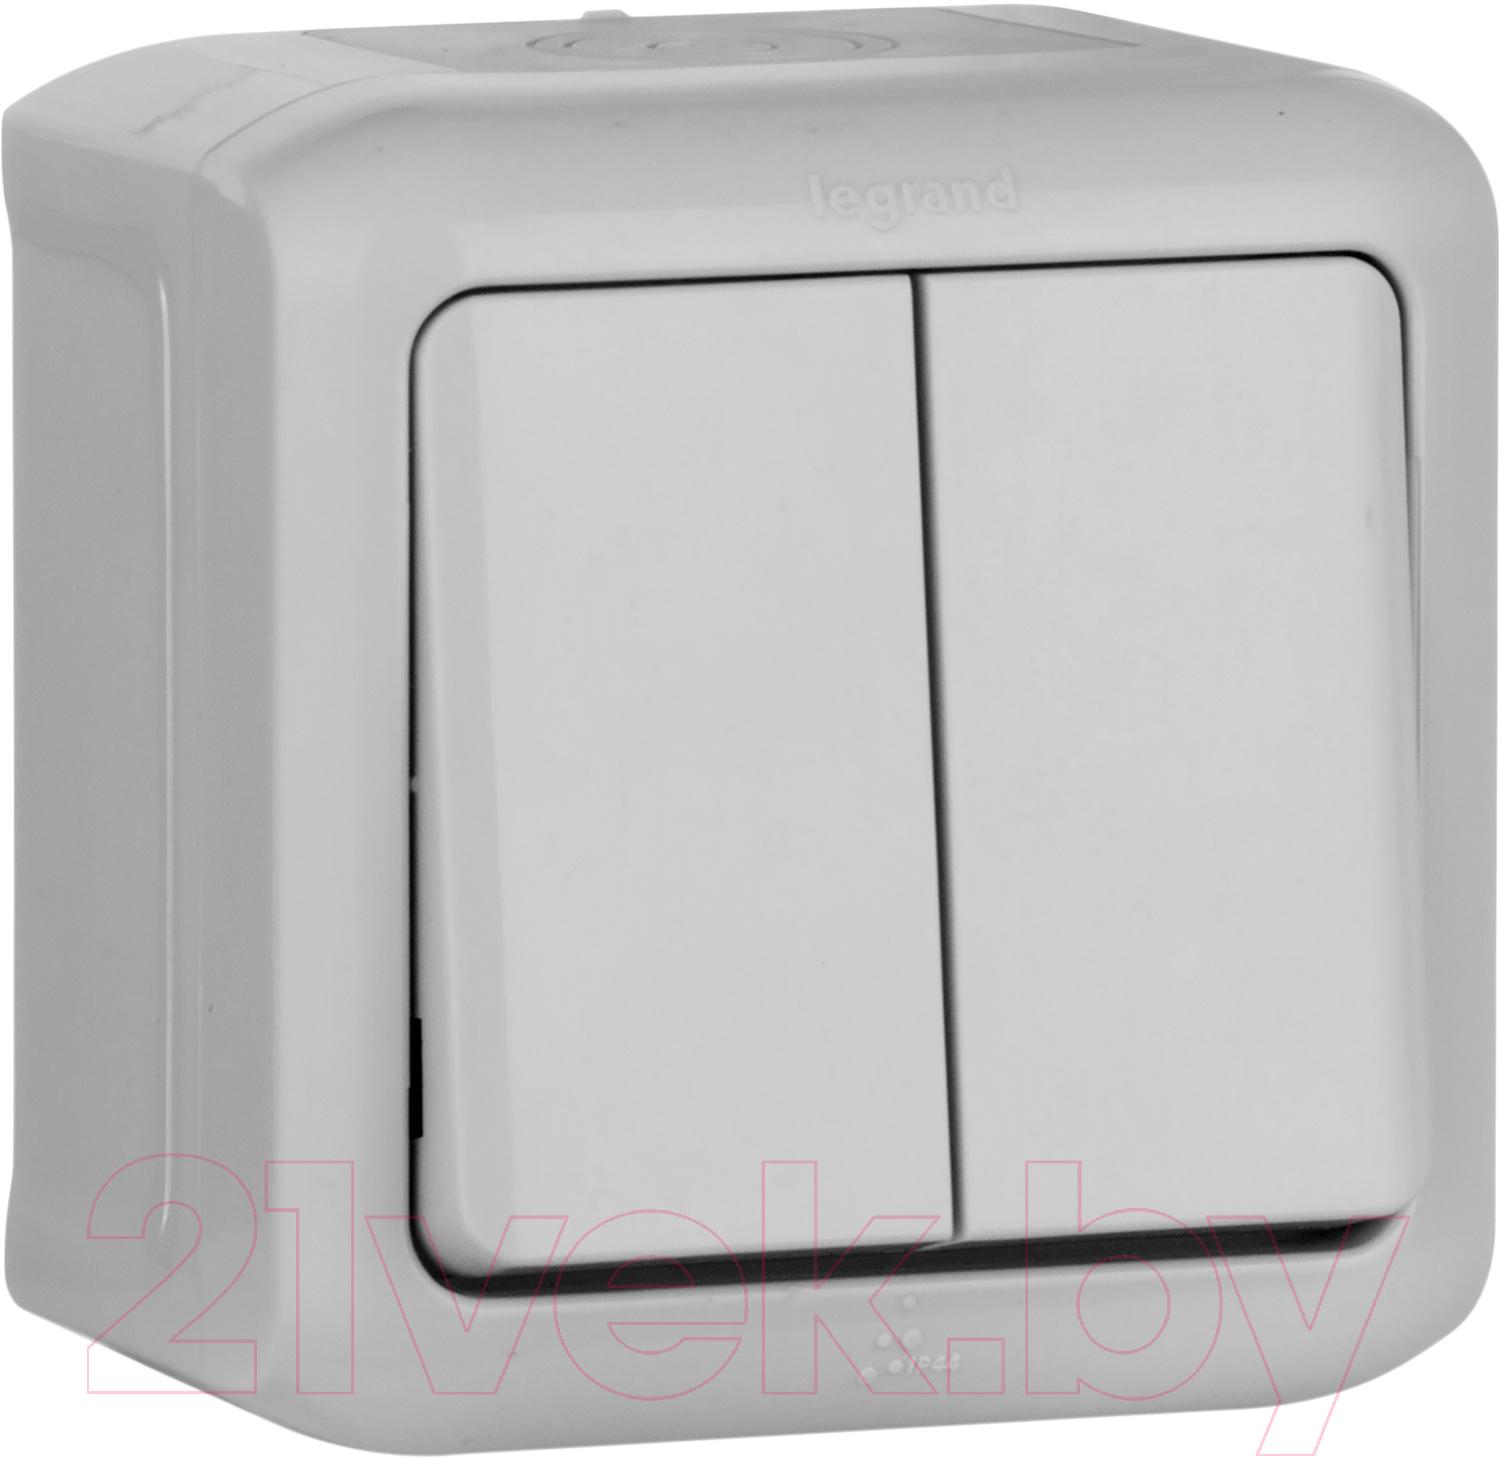 Купить Выключатель Legrand, Quteo 782331 (серый), Франция, пластик, Quteo (Legrand)